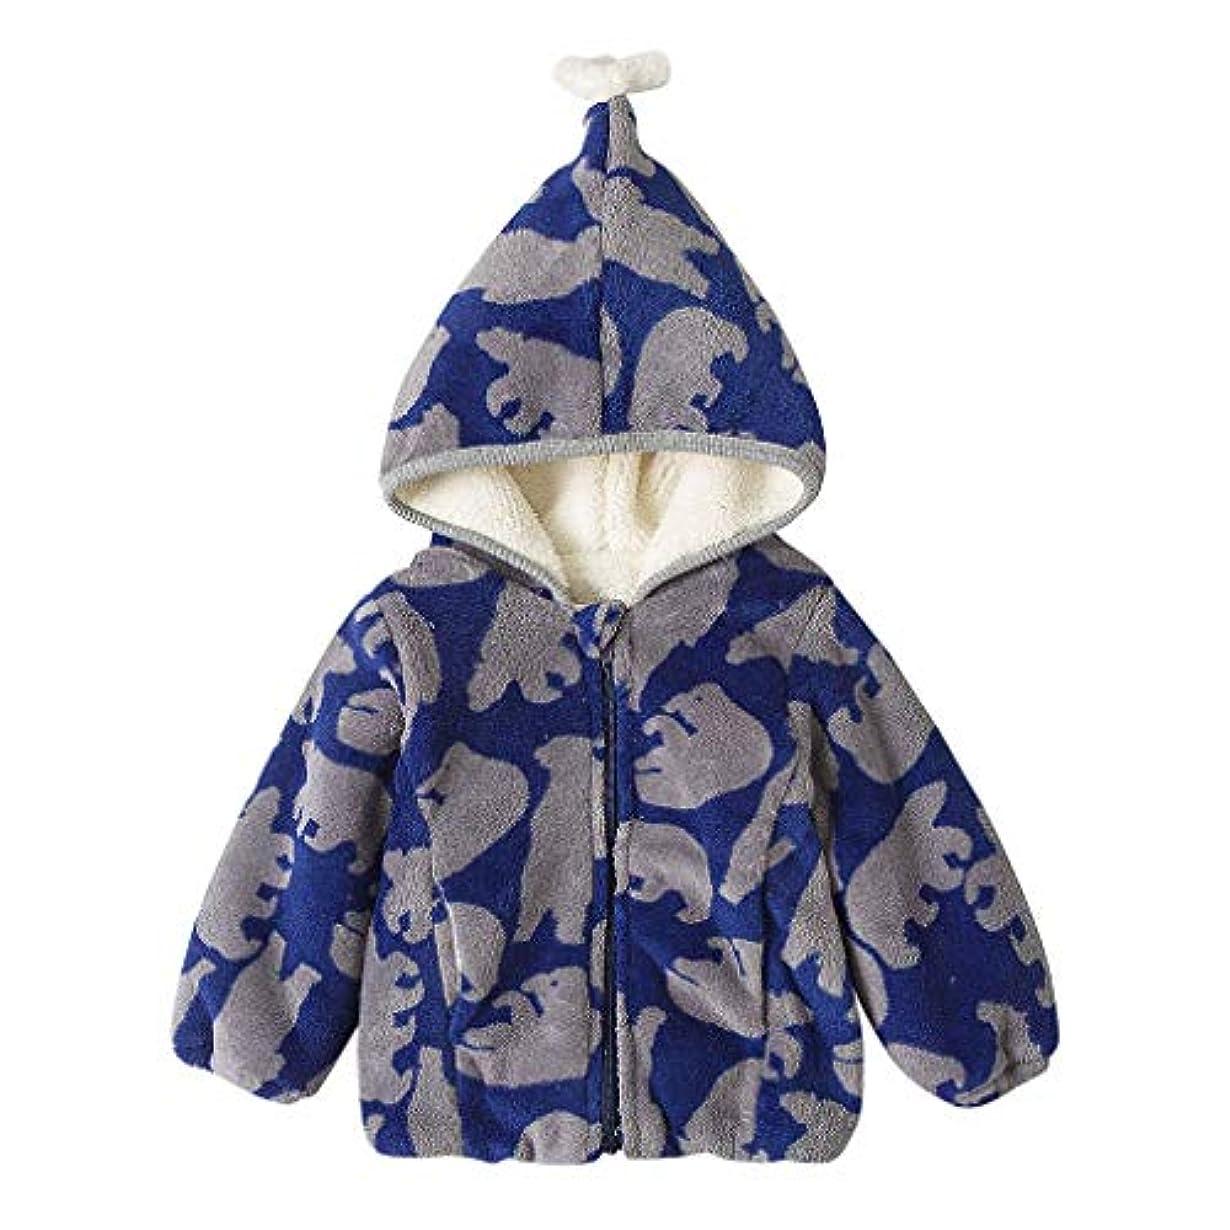 エージェントカストディアン欠伸かわいい柄あたたかい男の子女の子赤ちゃん冬コートジャケット子供ジップ厚いスノースーツパーカーオーバーコート屋外かわいいルースソフト快適なブラウストップス